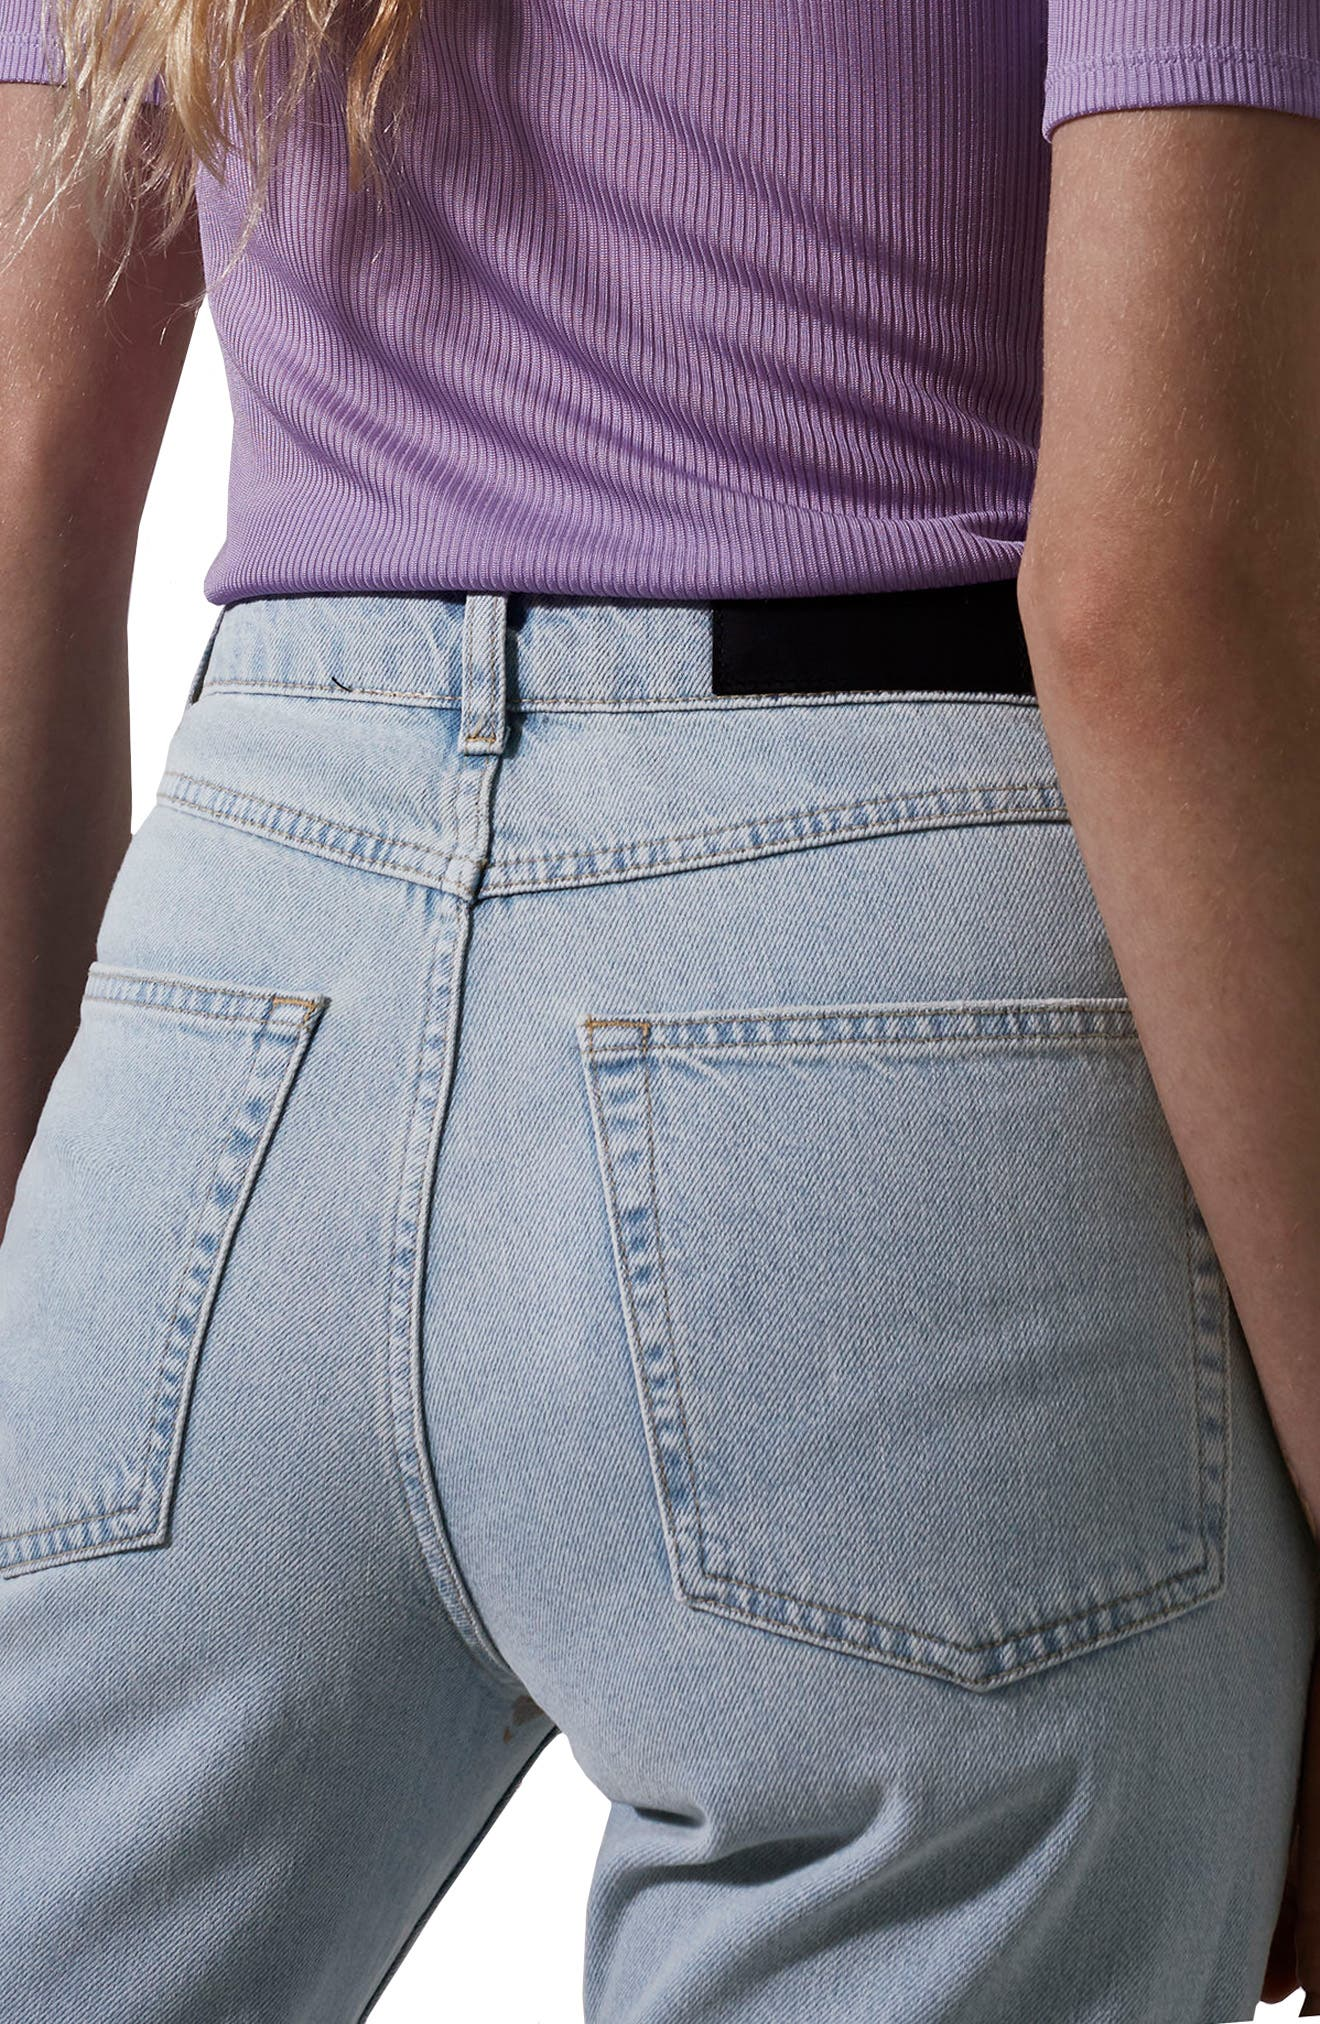 Boutique Bleach Denim Jeans,                             Alternate thumbnail 2, color,                             Light Denim